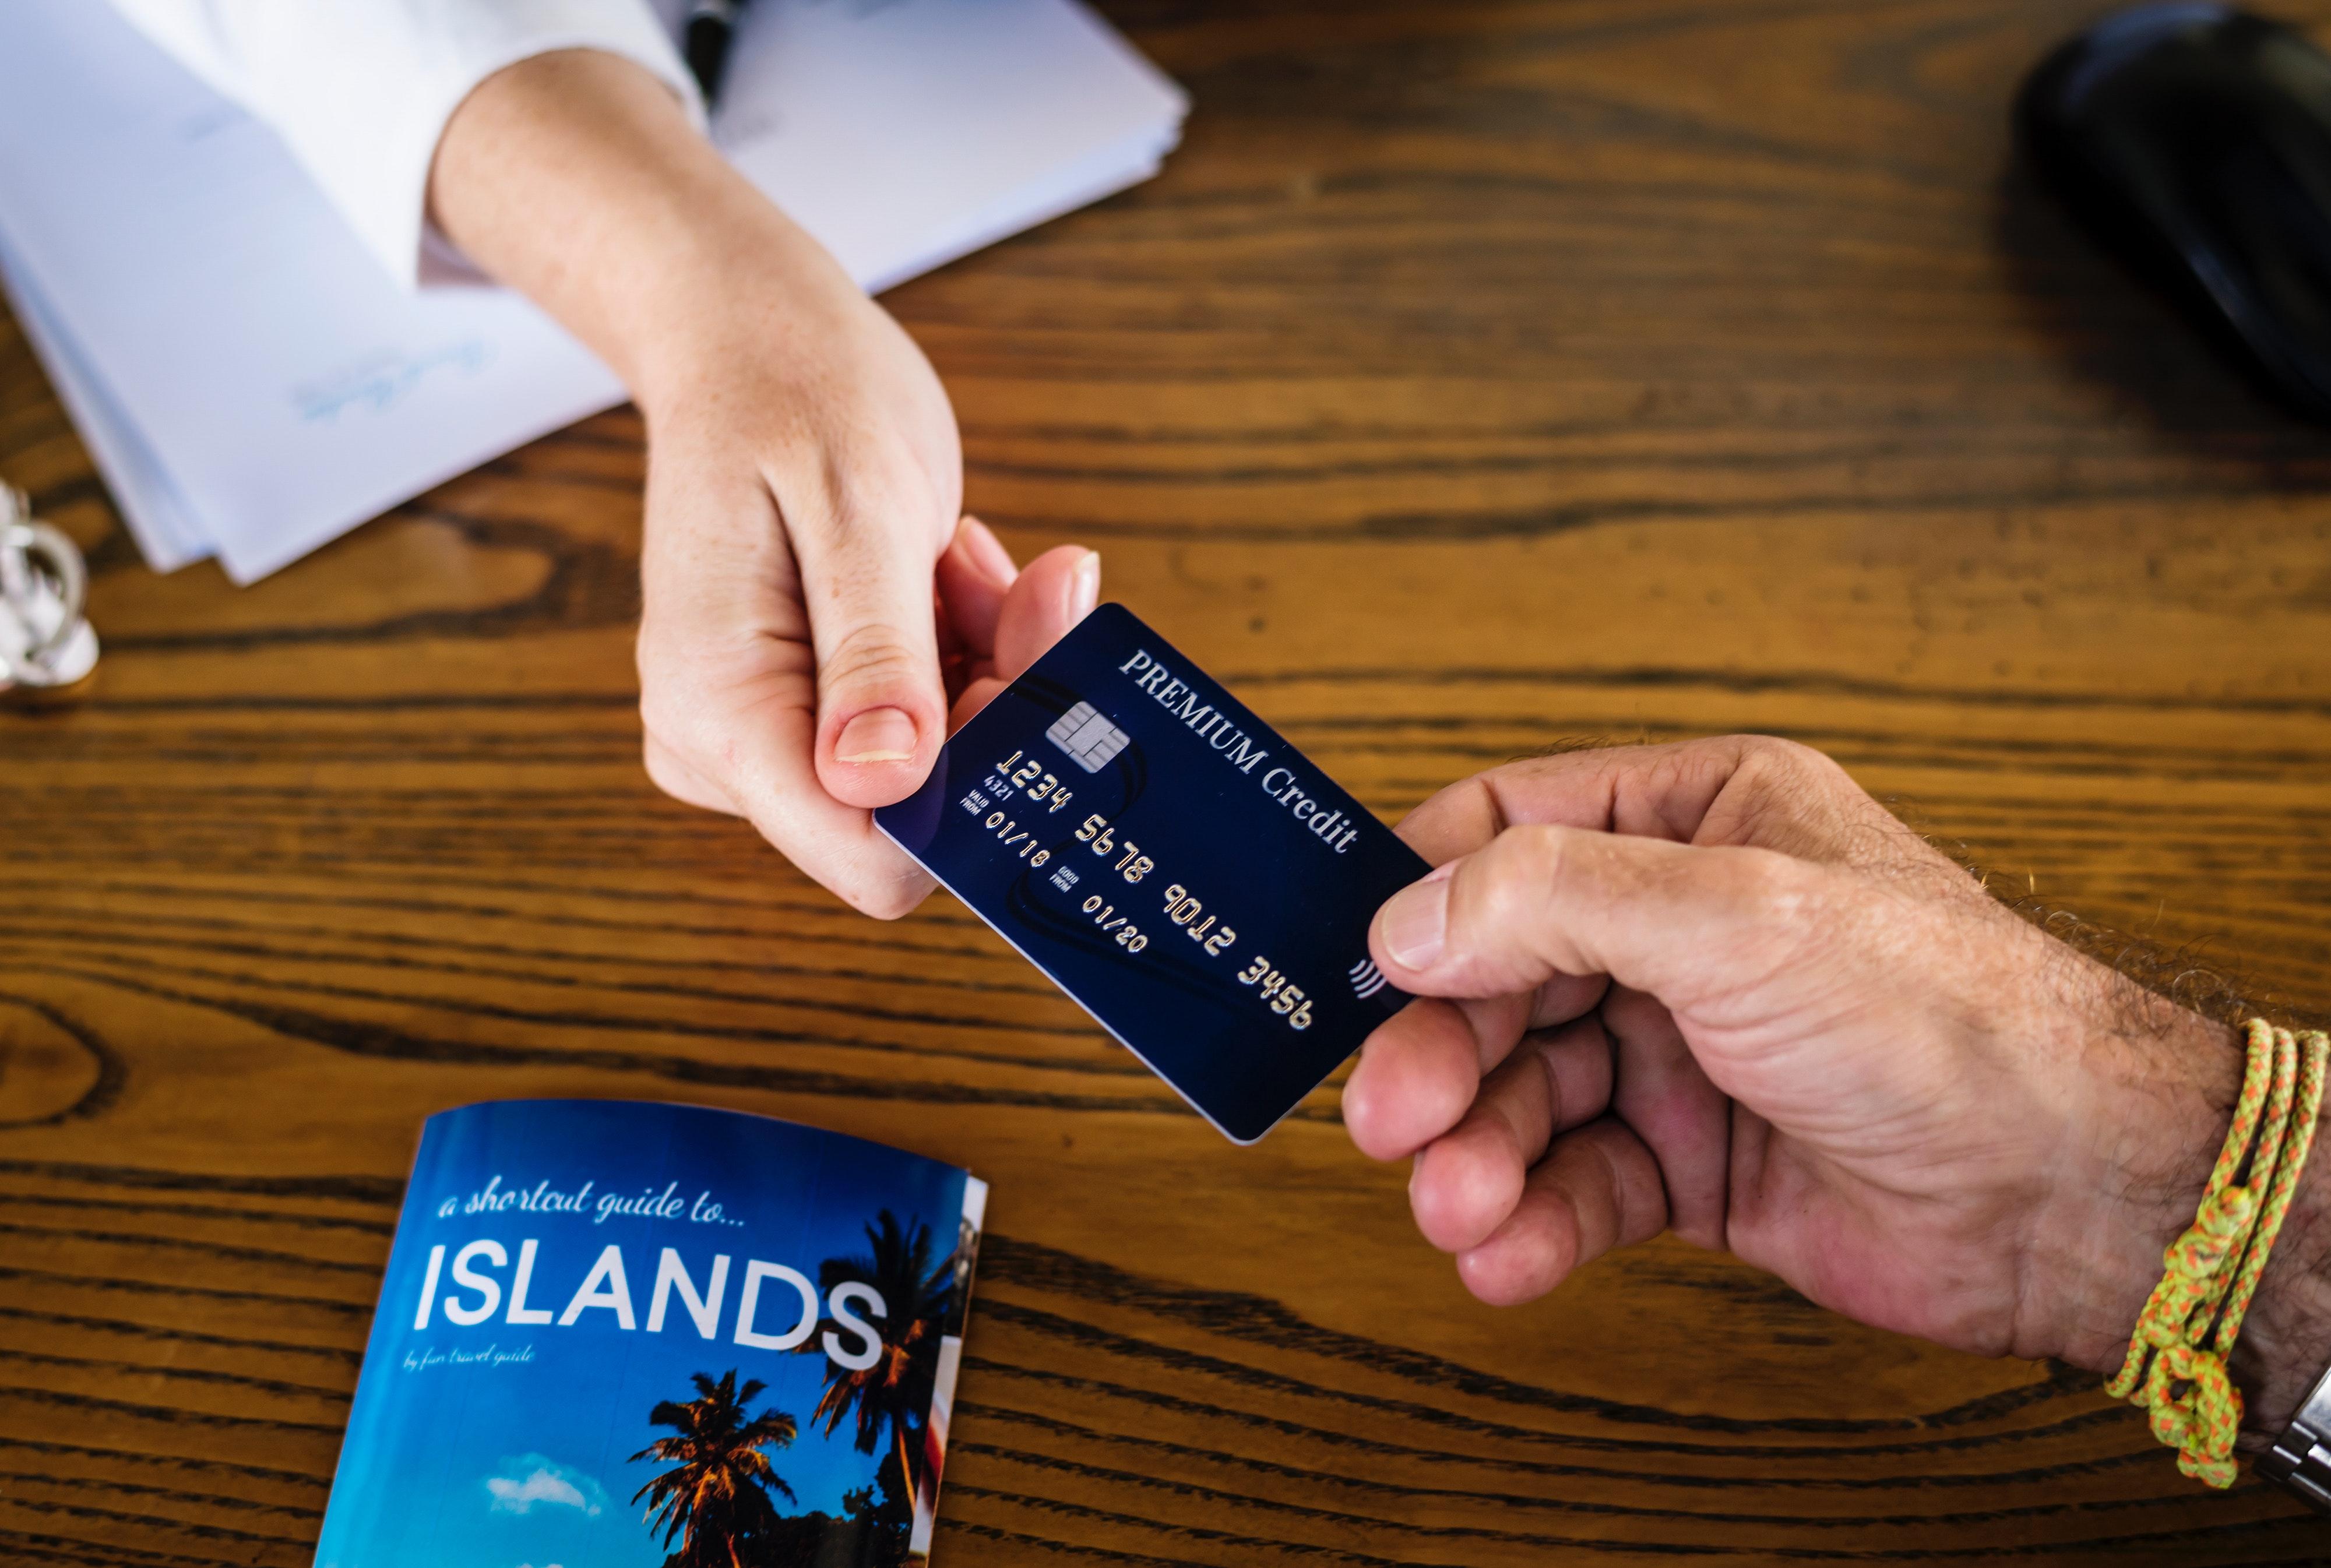 Jak sprawdzic zdolnosc kredytowa